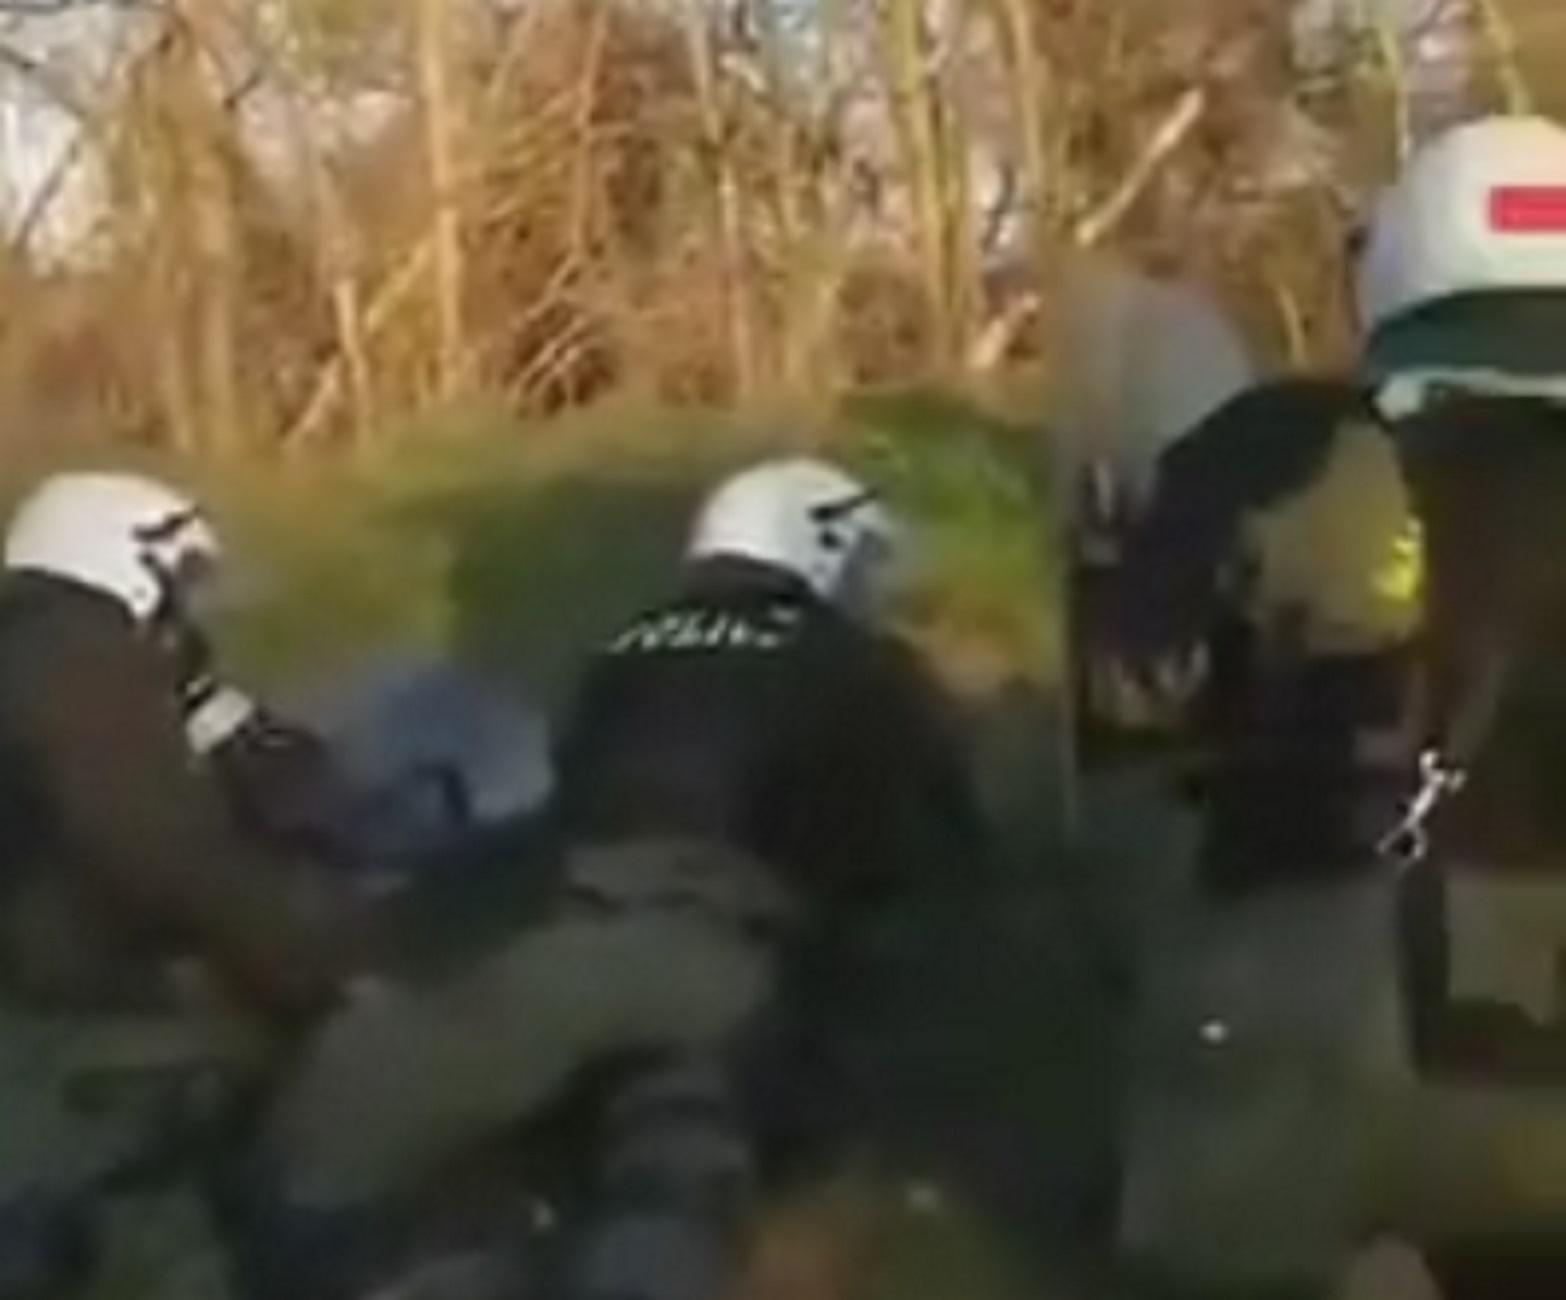 Έβρος: Βίντεο ντοκουμέντο με επίθεση σε άντρες των ΜΑΤ! Η στιγμή που ακούγονται πυροβολισμοί